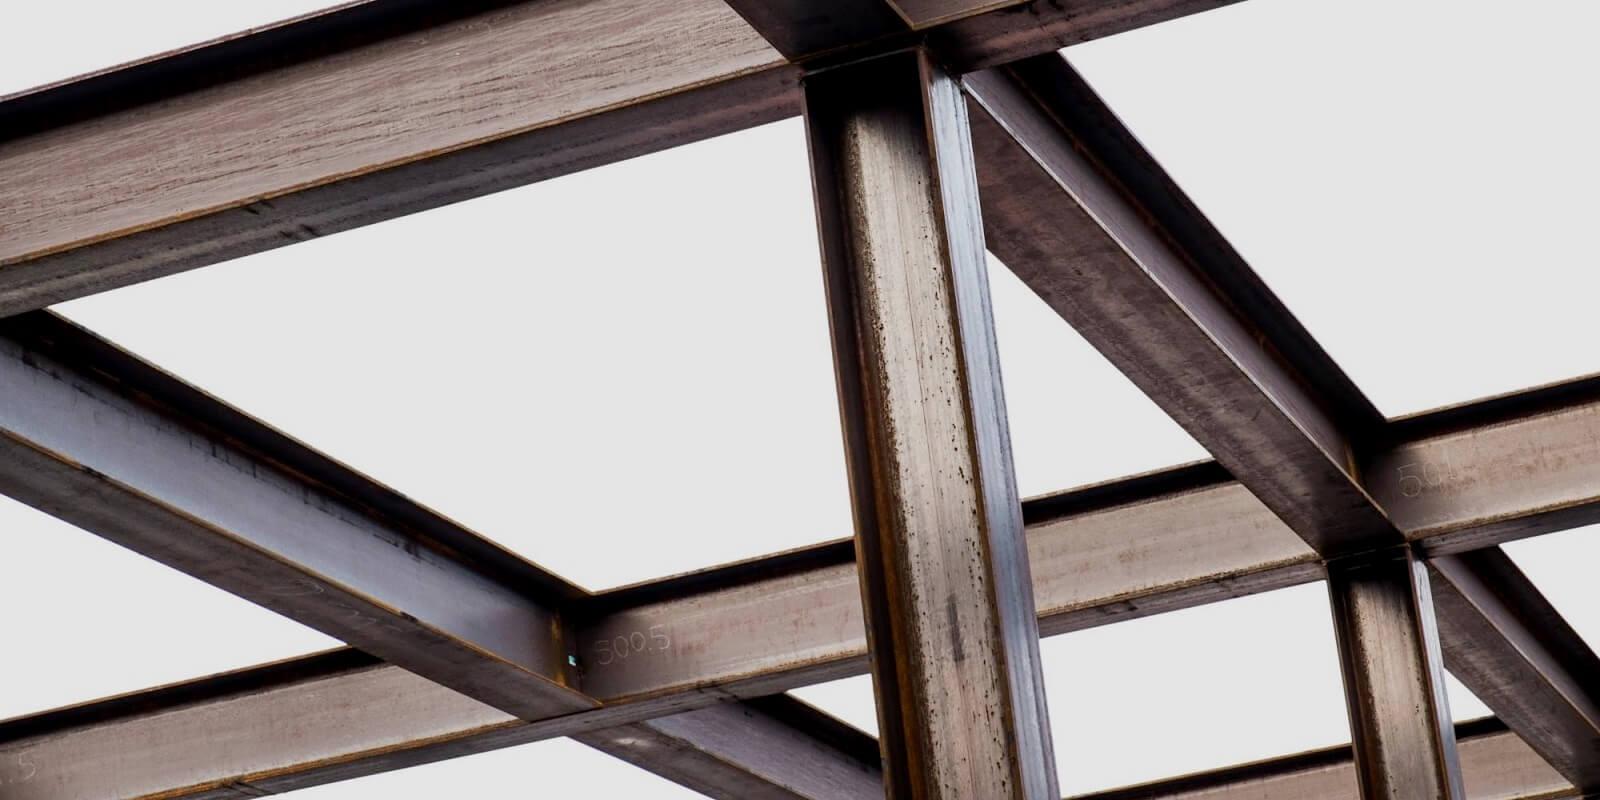 Durabilidad estructuras metálicas